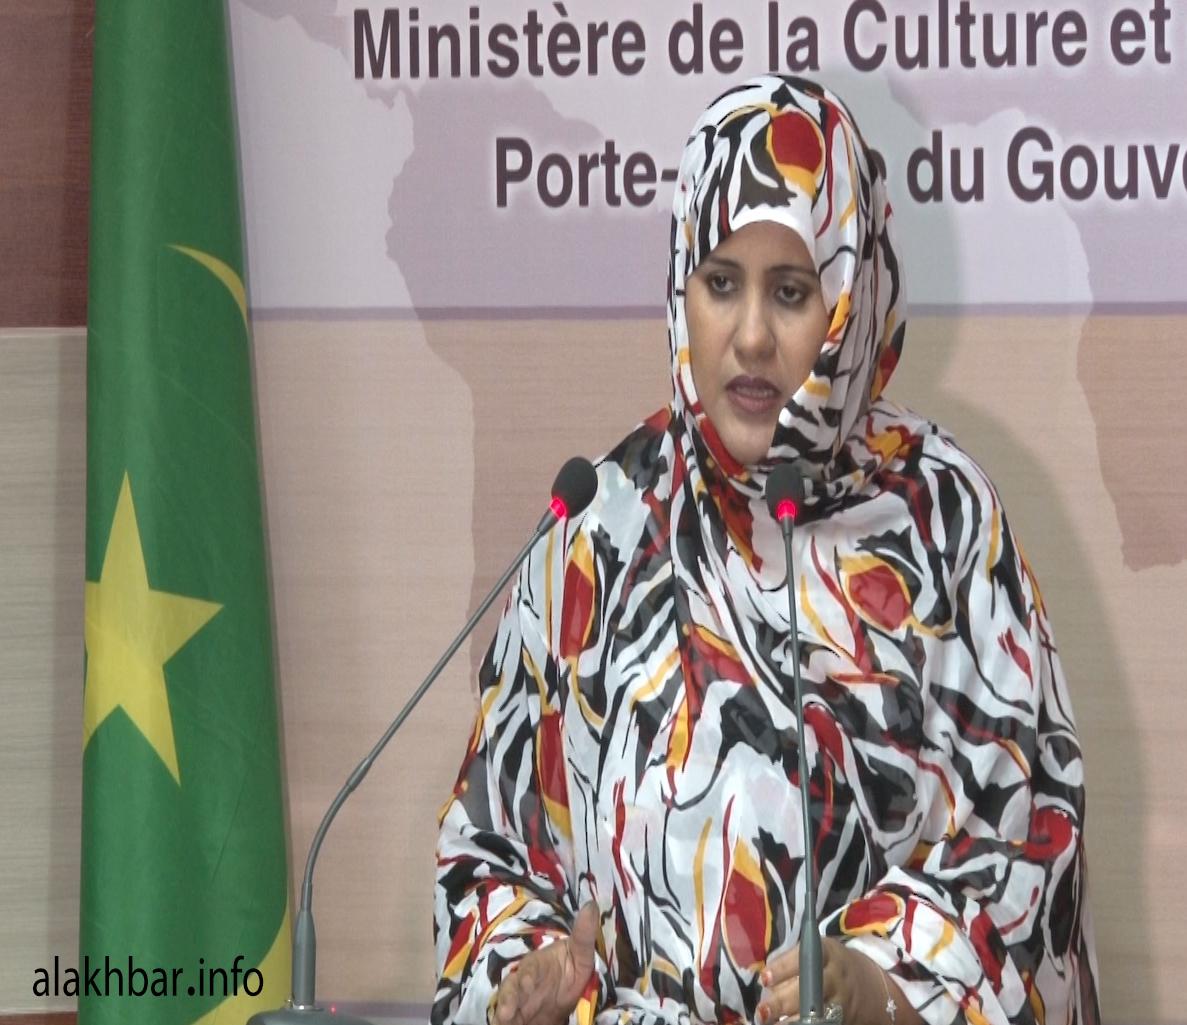 الوزيرة السابقة، والرئيسة الجديدة لمركز تنظيم المنطقة الحرة فاطم فال بنت اصوينع (الأخبار - أرشيف)